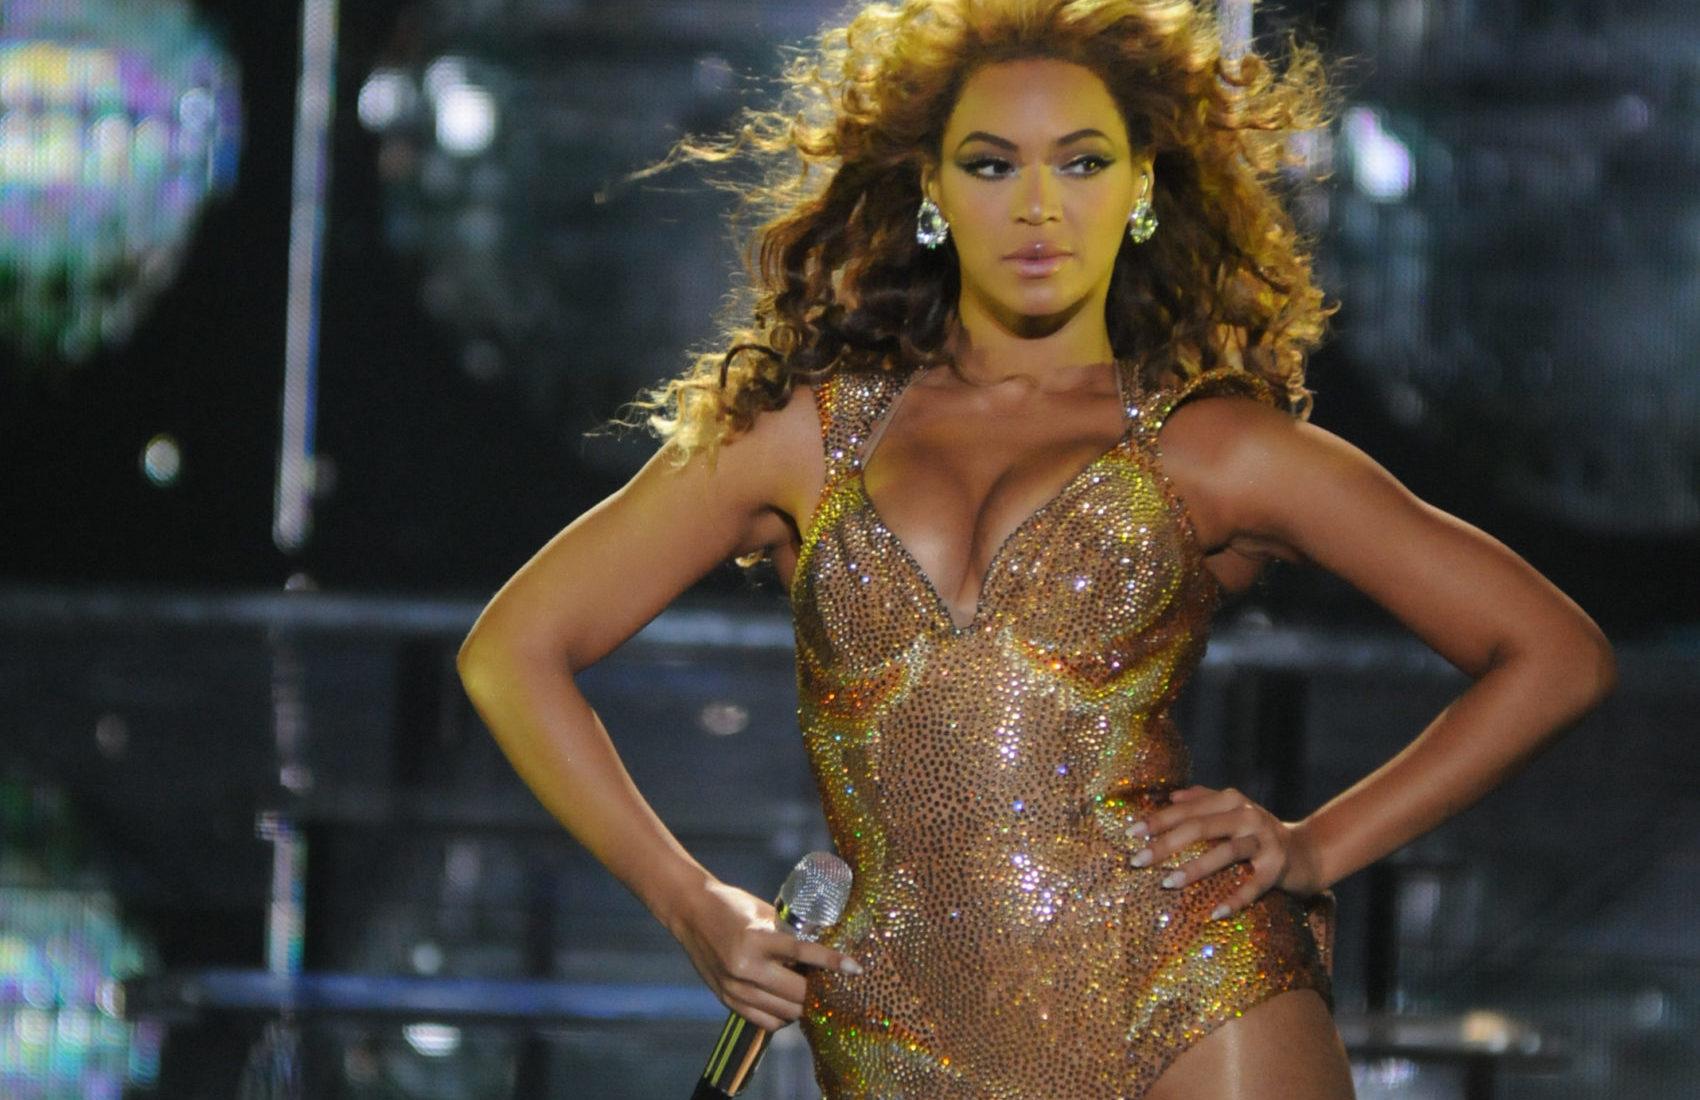 El entrenamiento de Beyoncé para mantener sus curvas de impacto